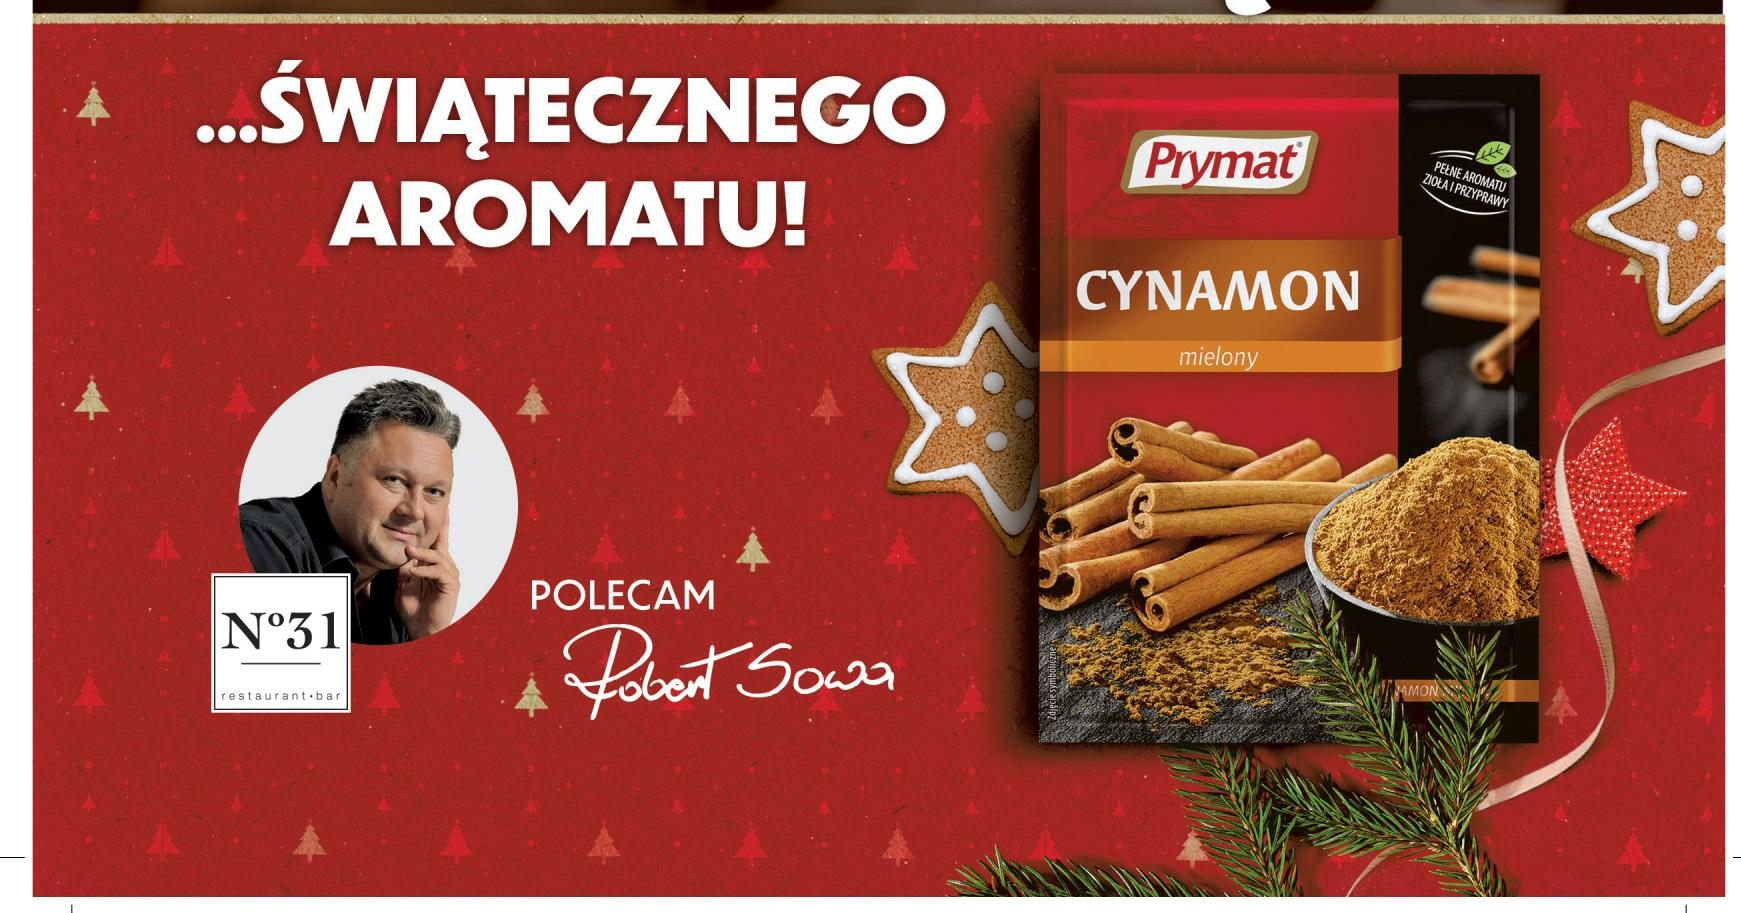 Świąteczna kampania prasowa marki Prymat z ambasadorem Robertem Sową!